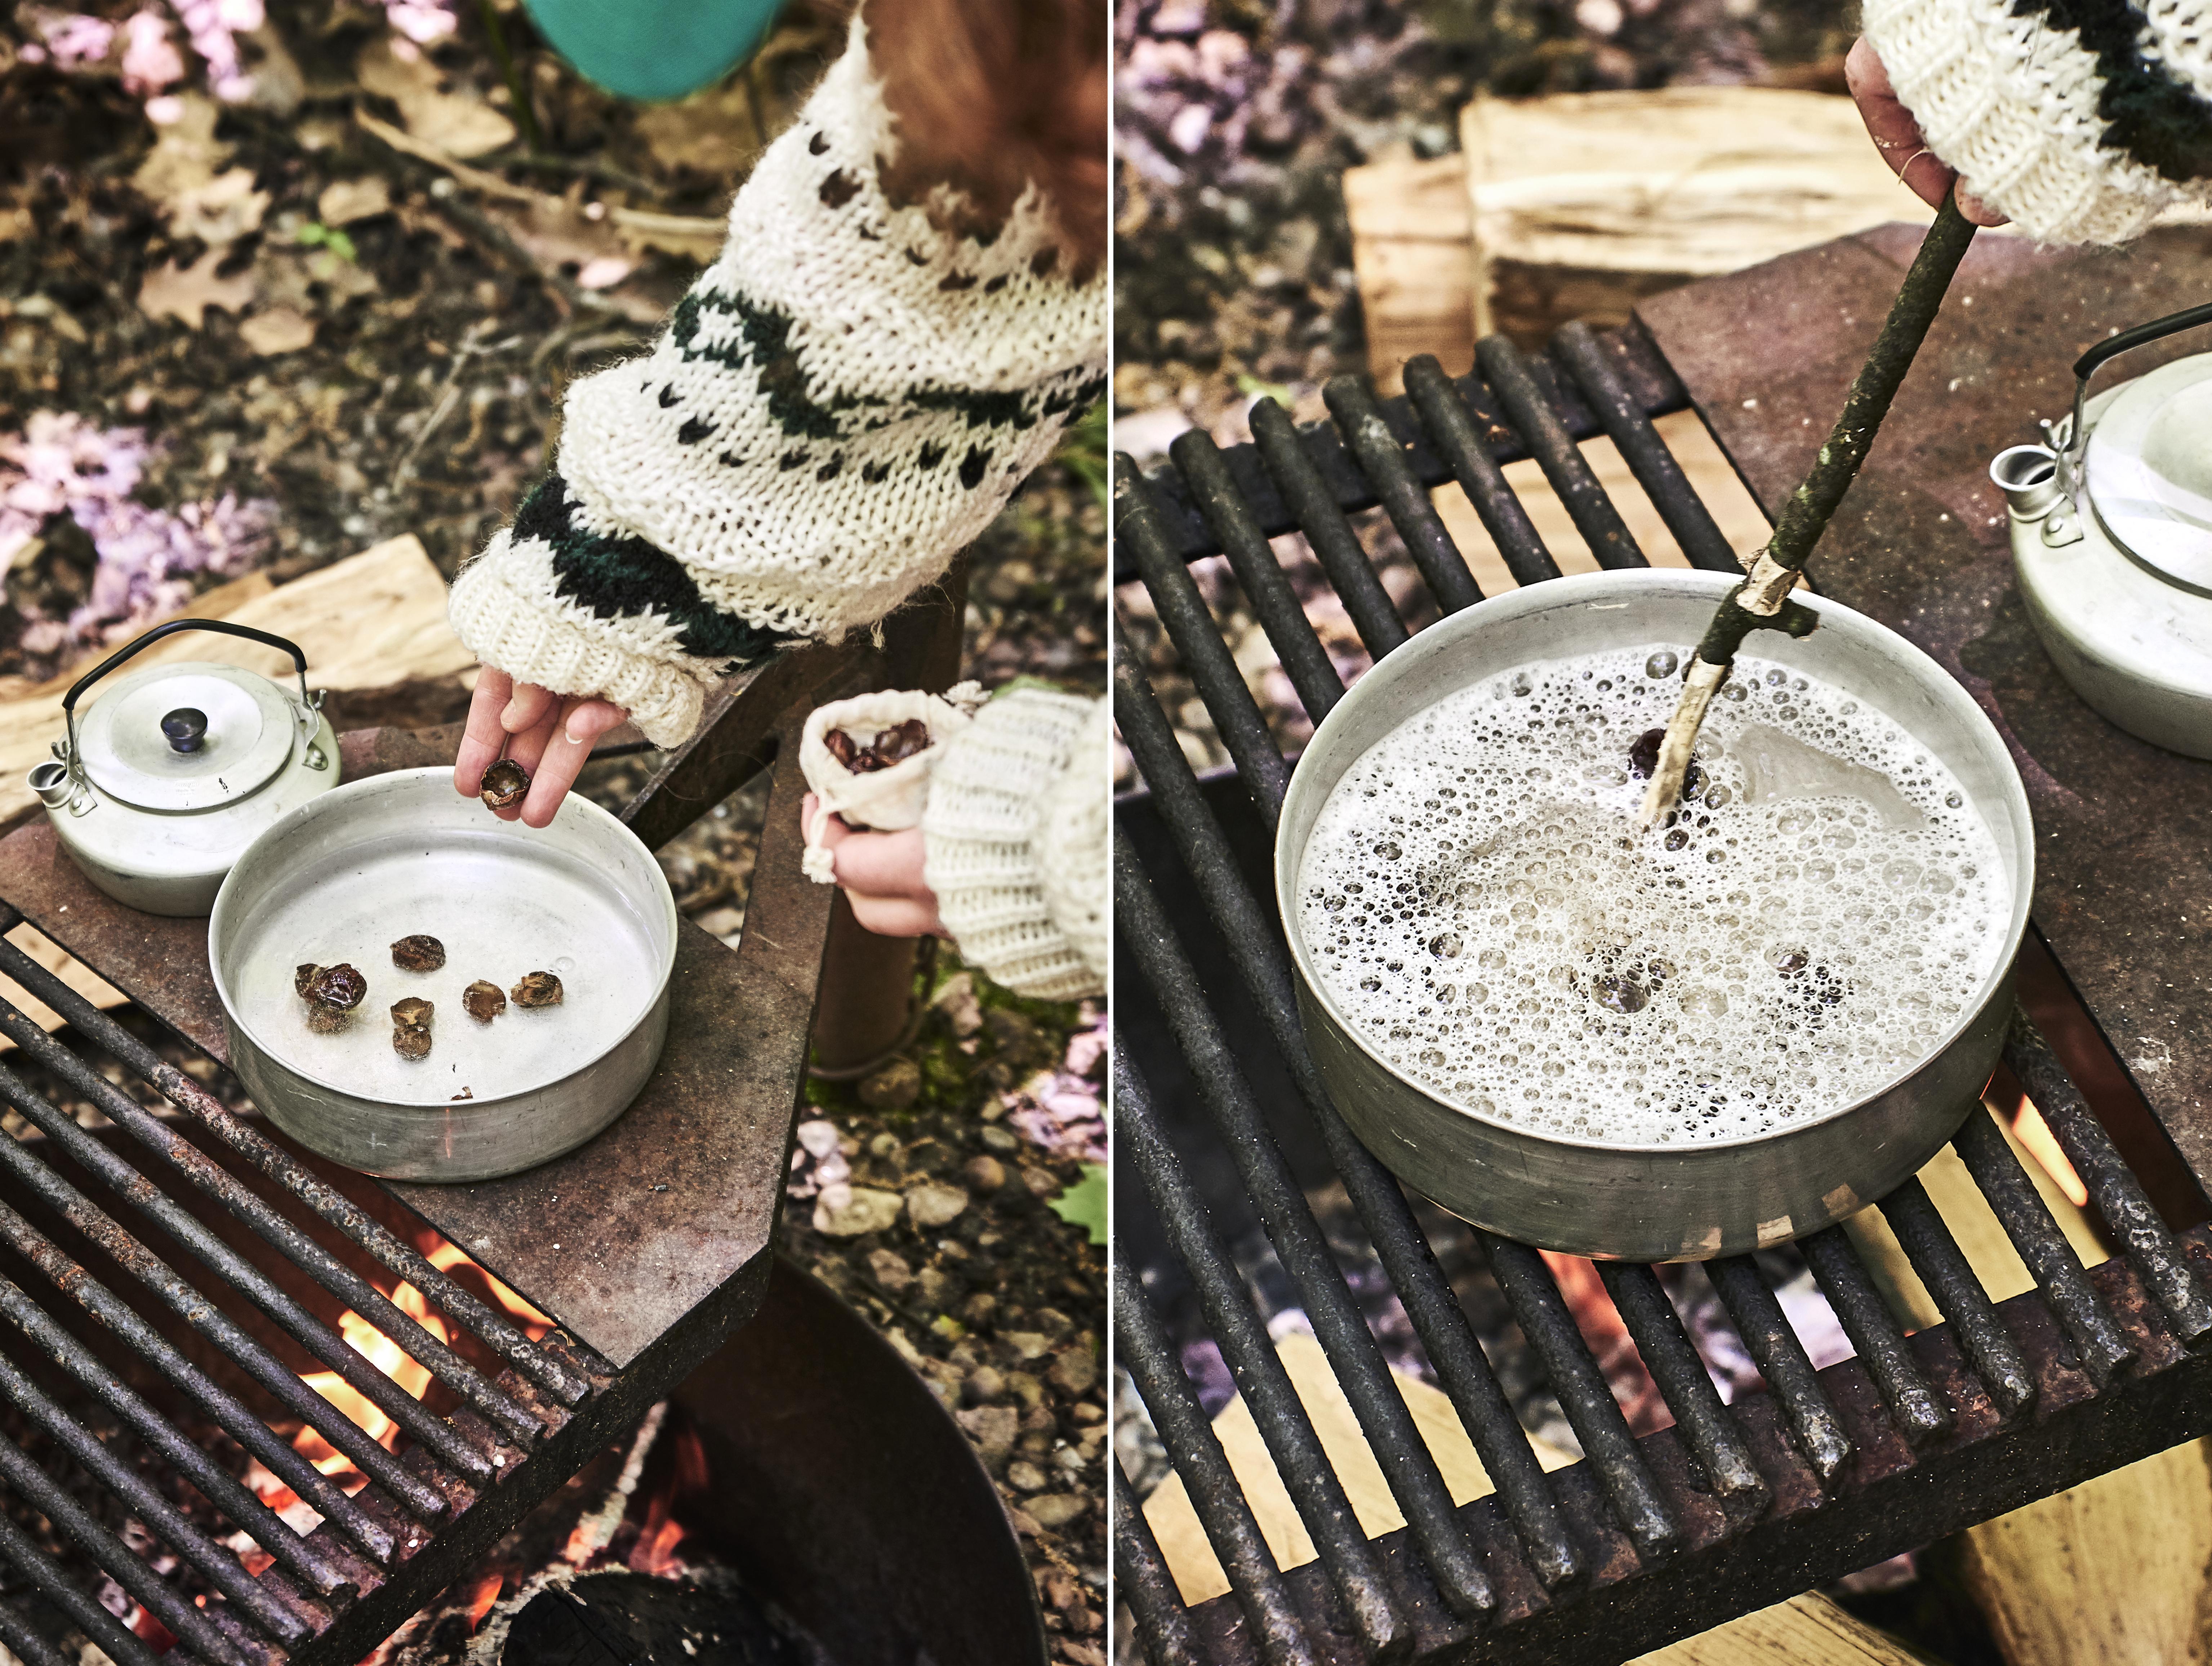 Noix de lavage en camping